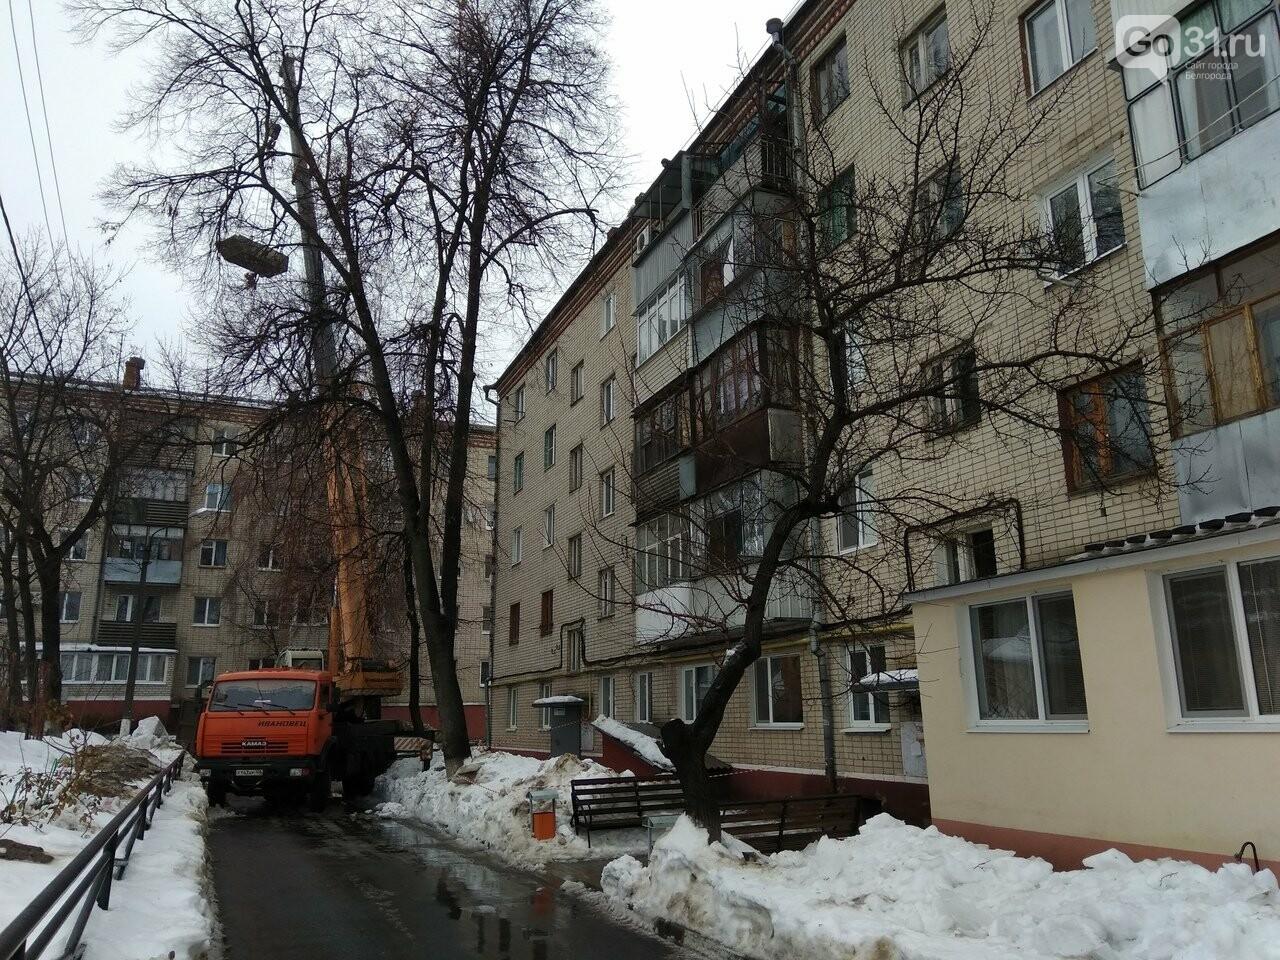 В доме на Чумичова обрушилась крыша из-за плохой работы управляющей компании по очистке снега, фото-6